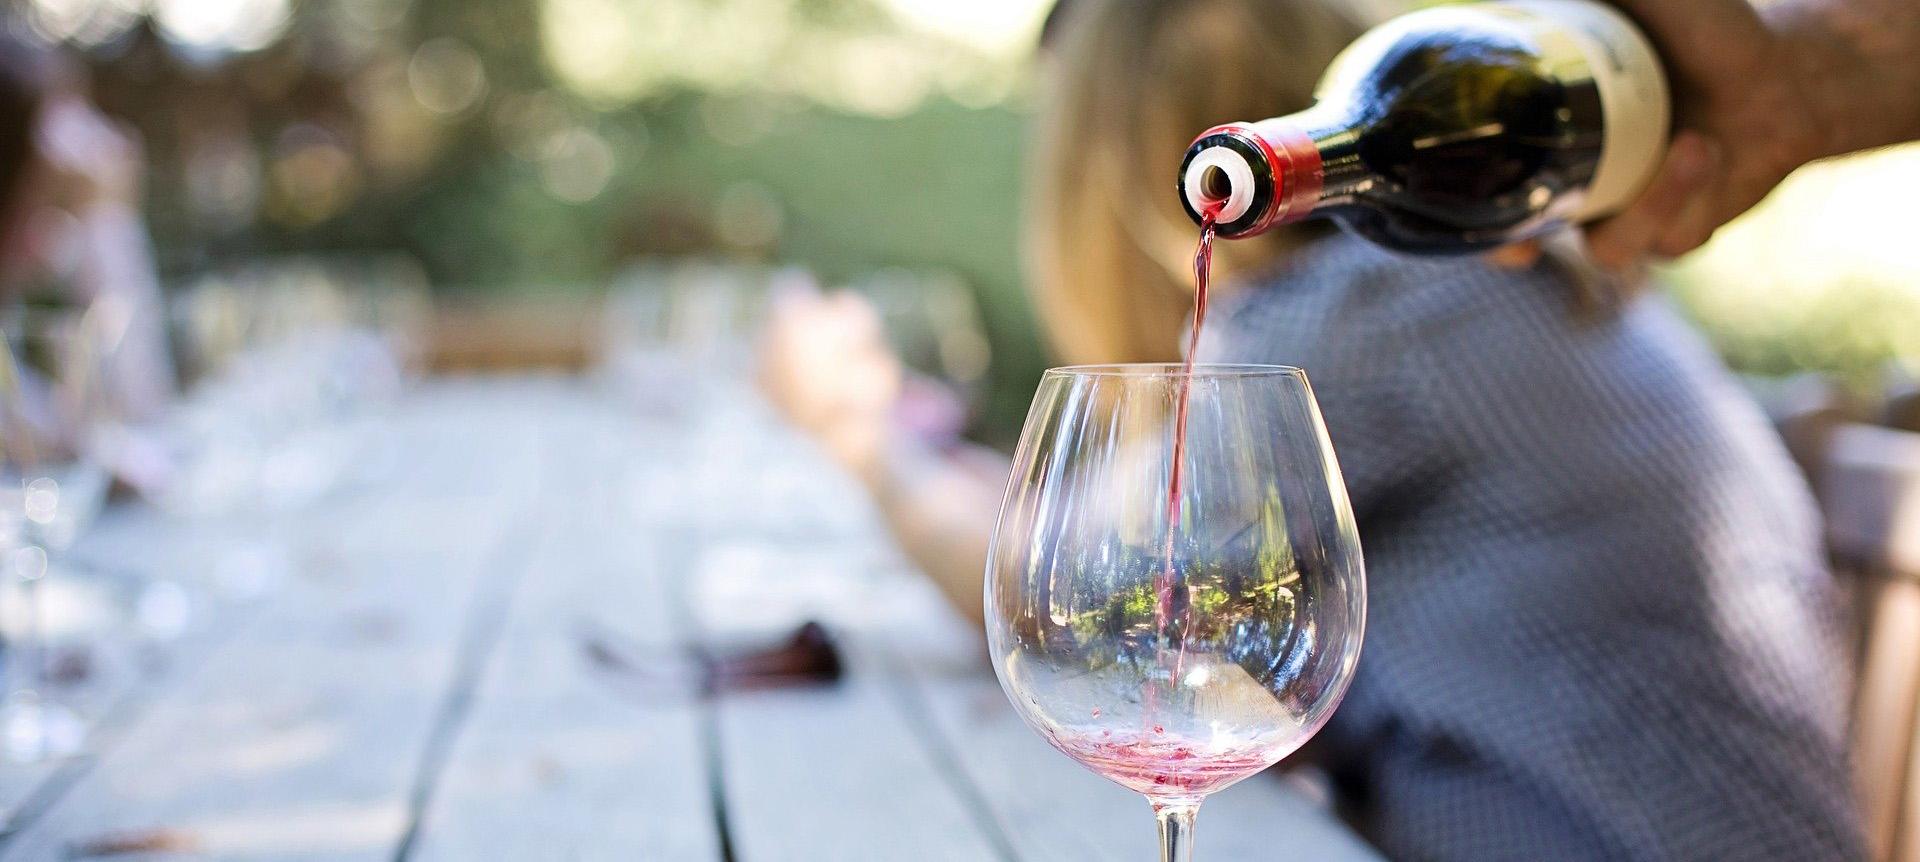 Wein & Likör